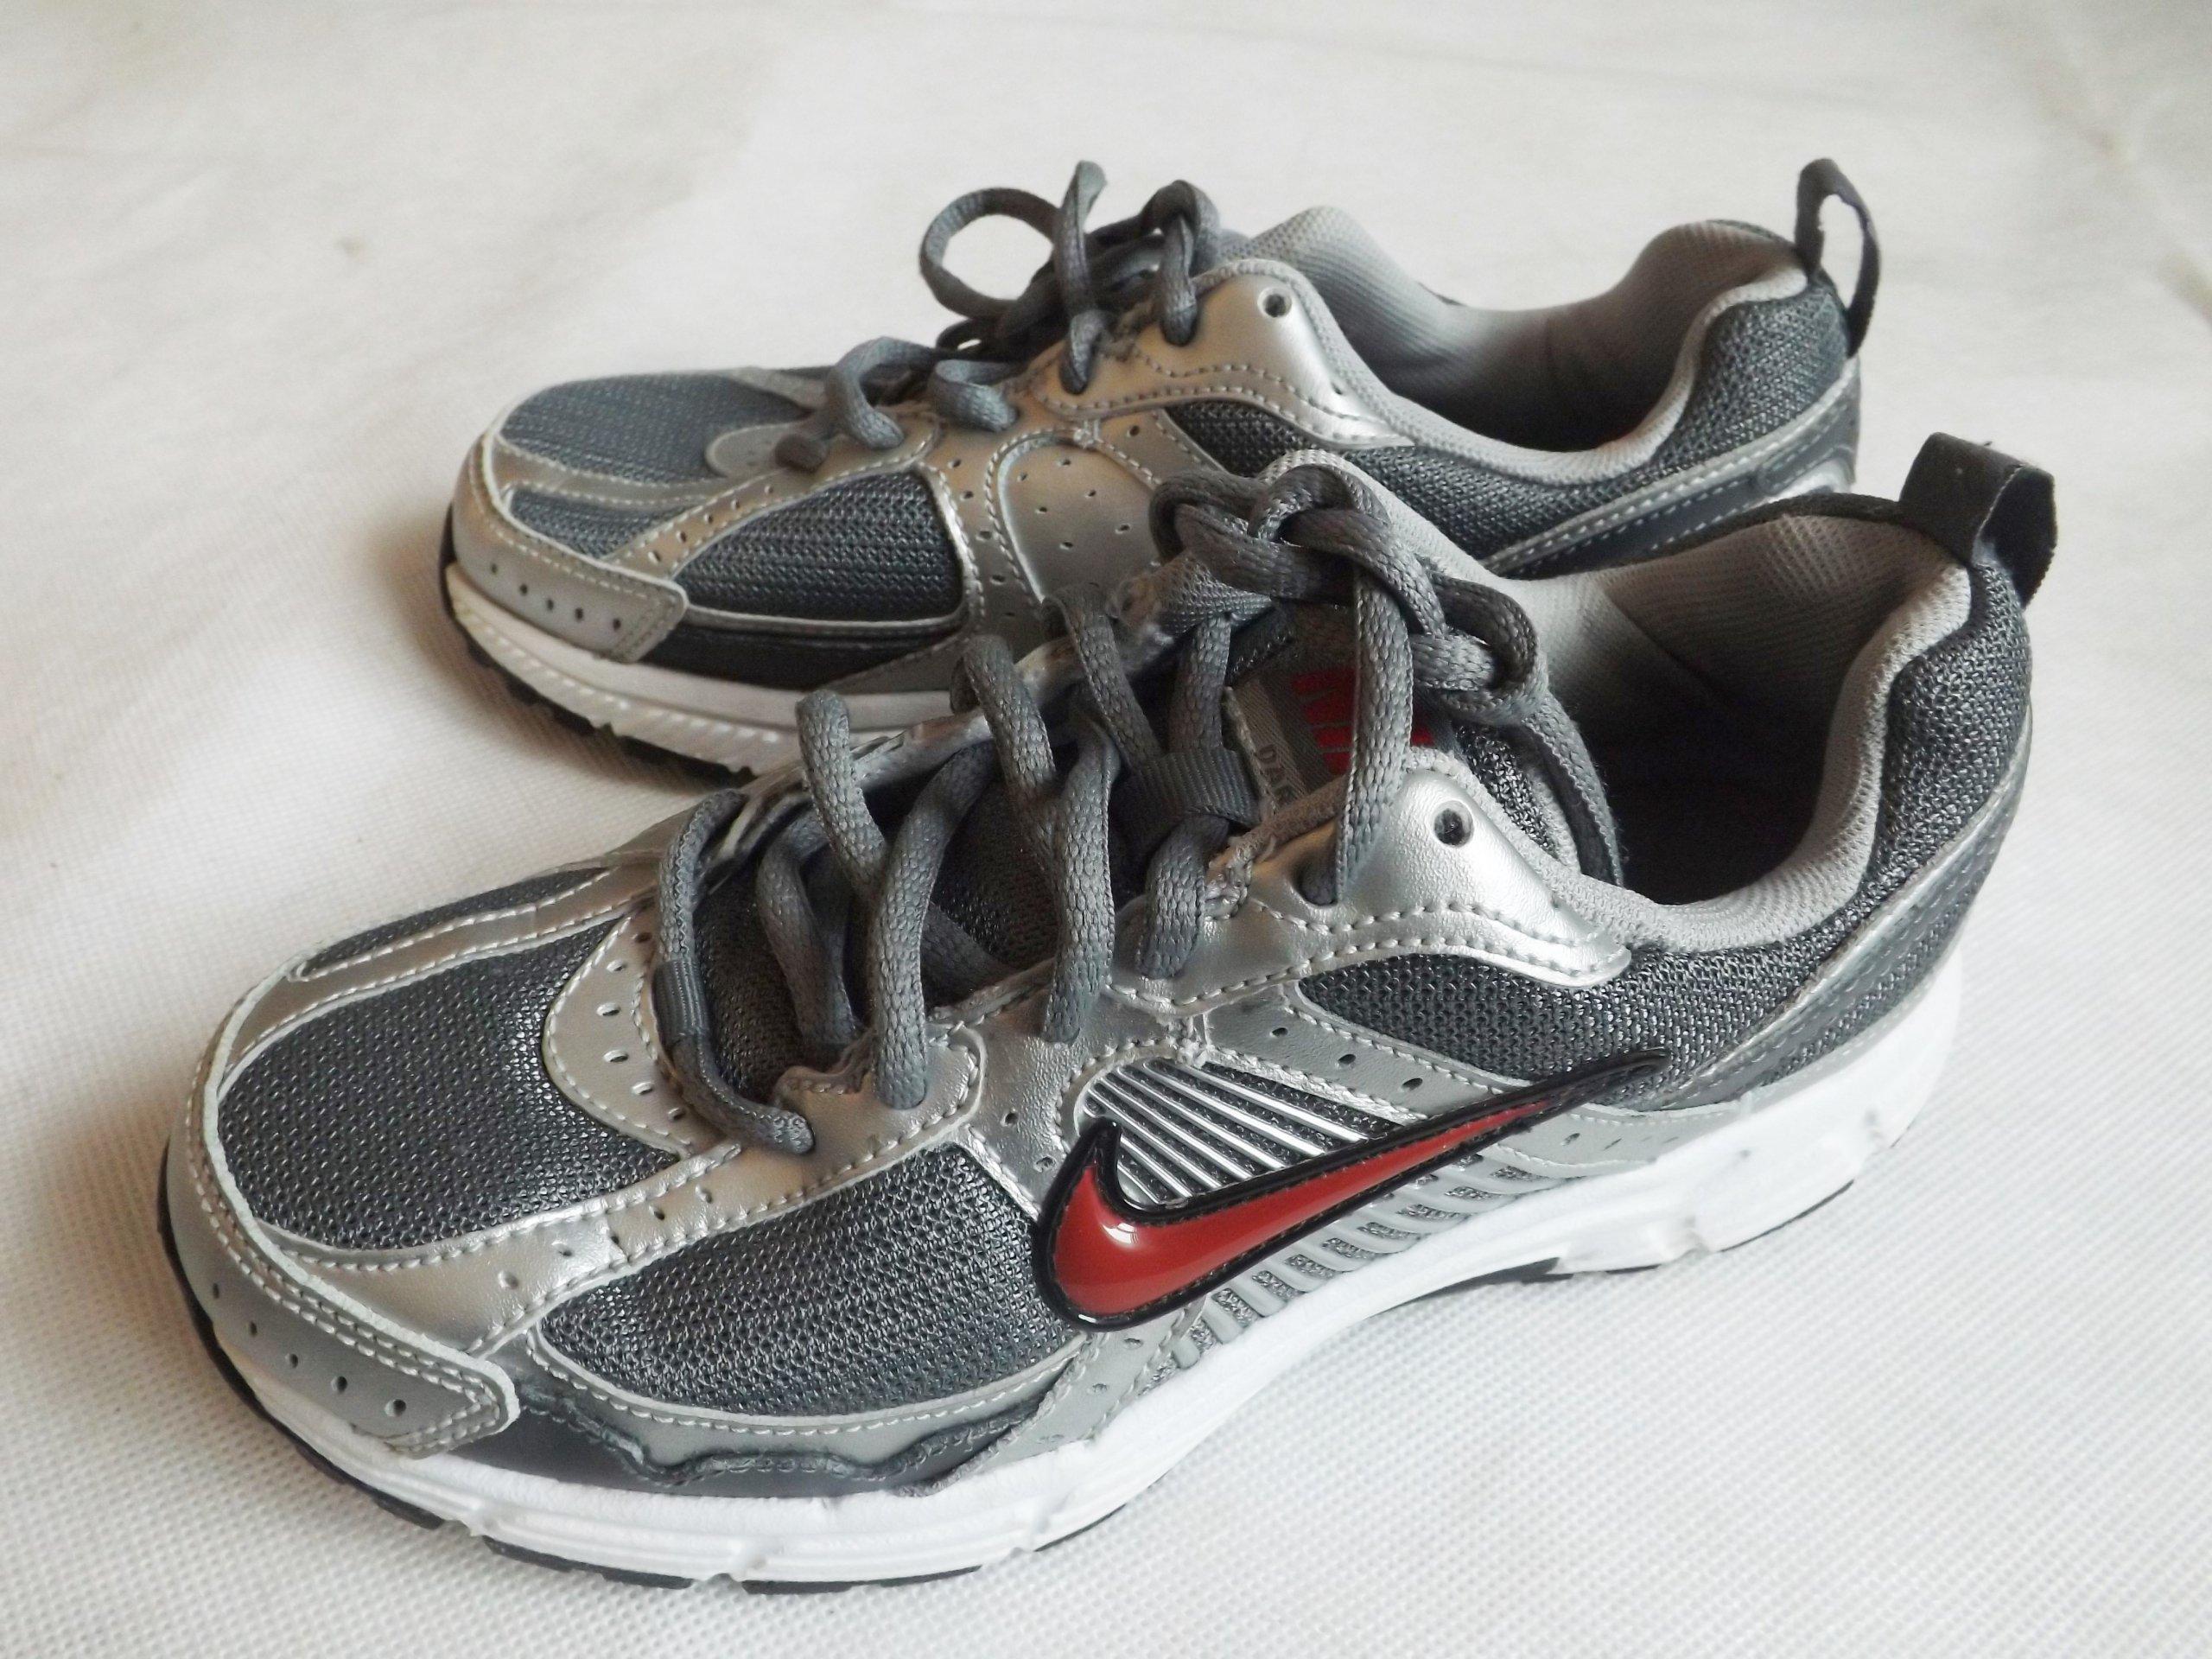 a337e77008710 Oficjalne 36 Dart Nike 7401294313 Rozmiar 7 Sportowe Buty qU6wZH4